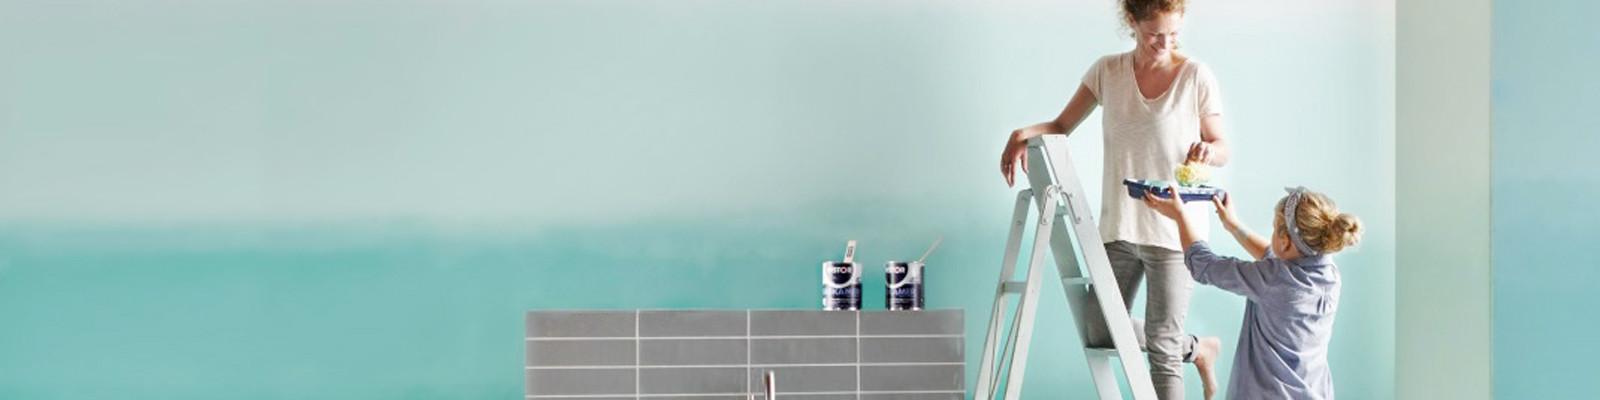 Sigma verf muren plafond pastelgroen